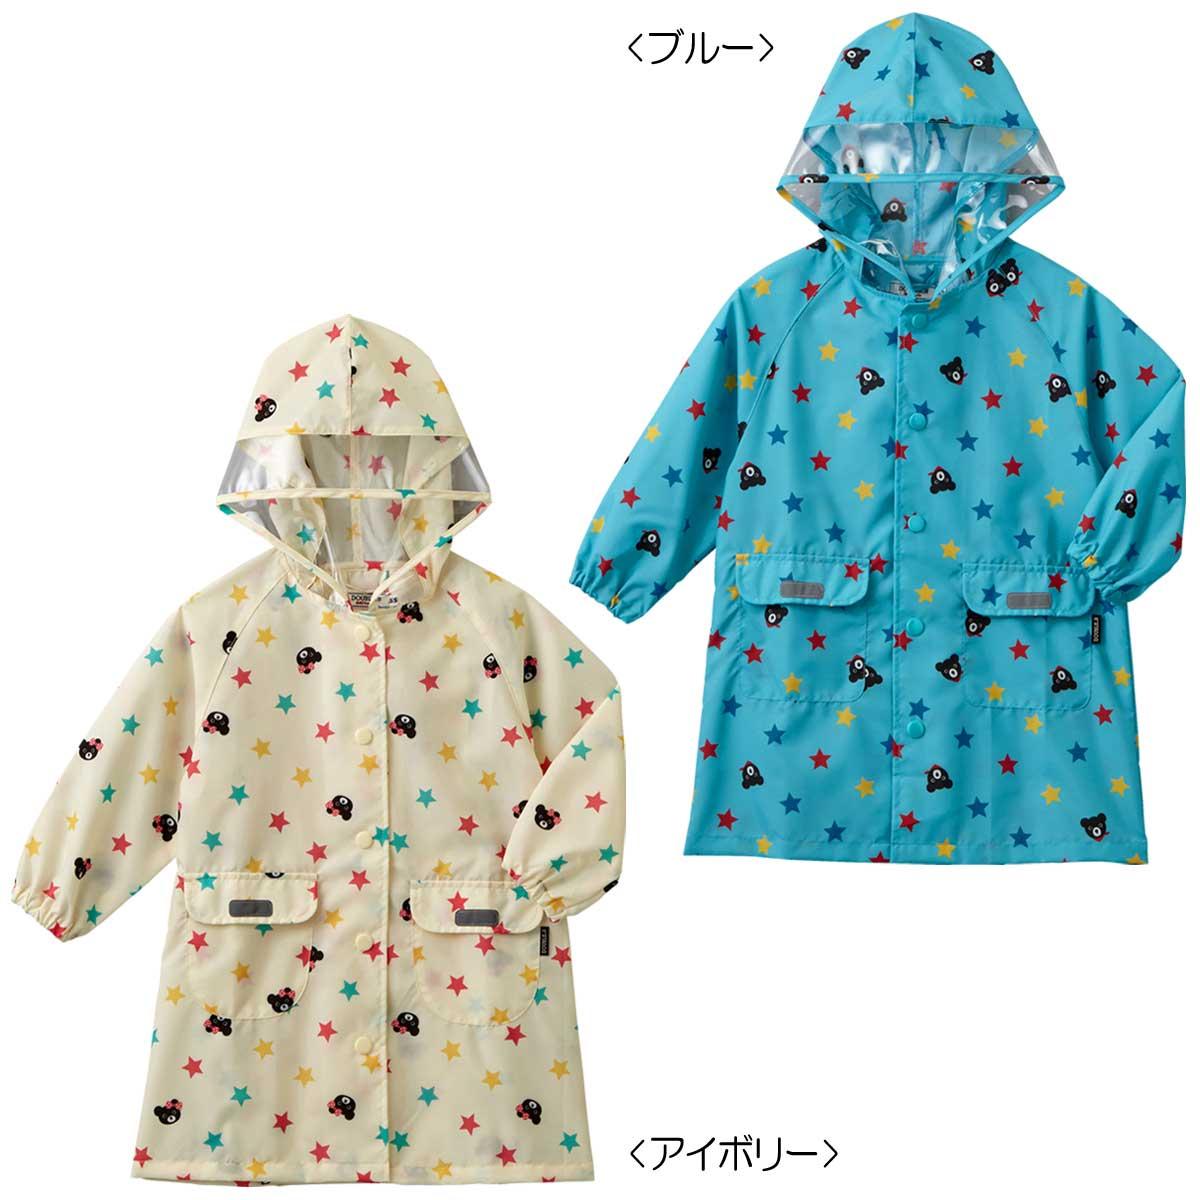 (メール便可)【ミキハウス】 ダブルB 星柄プリントのレインコート(雨合羽) (80cm-130cm)[キッズ](60-3811-616)[MIKIHOUSE DOUBLE_Bのレイングッズ][雨の日グッズ]